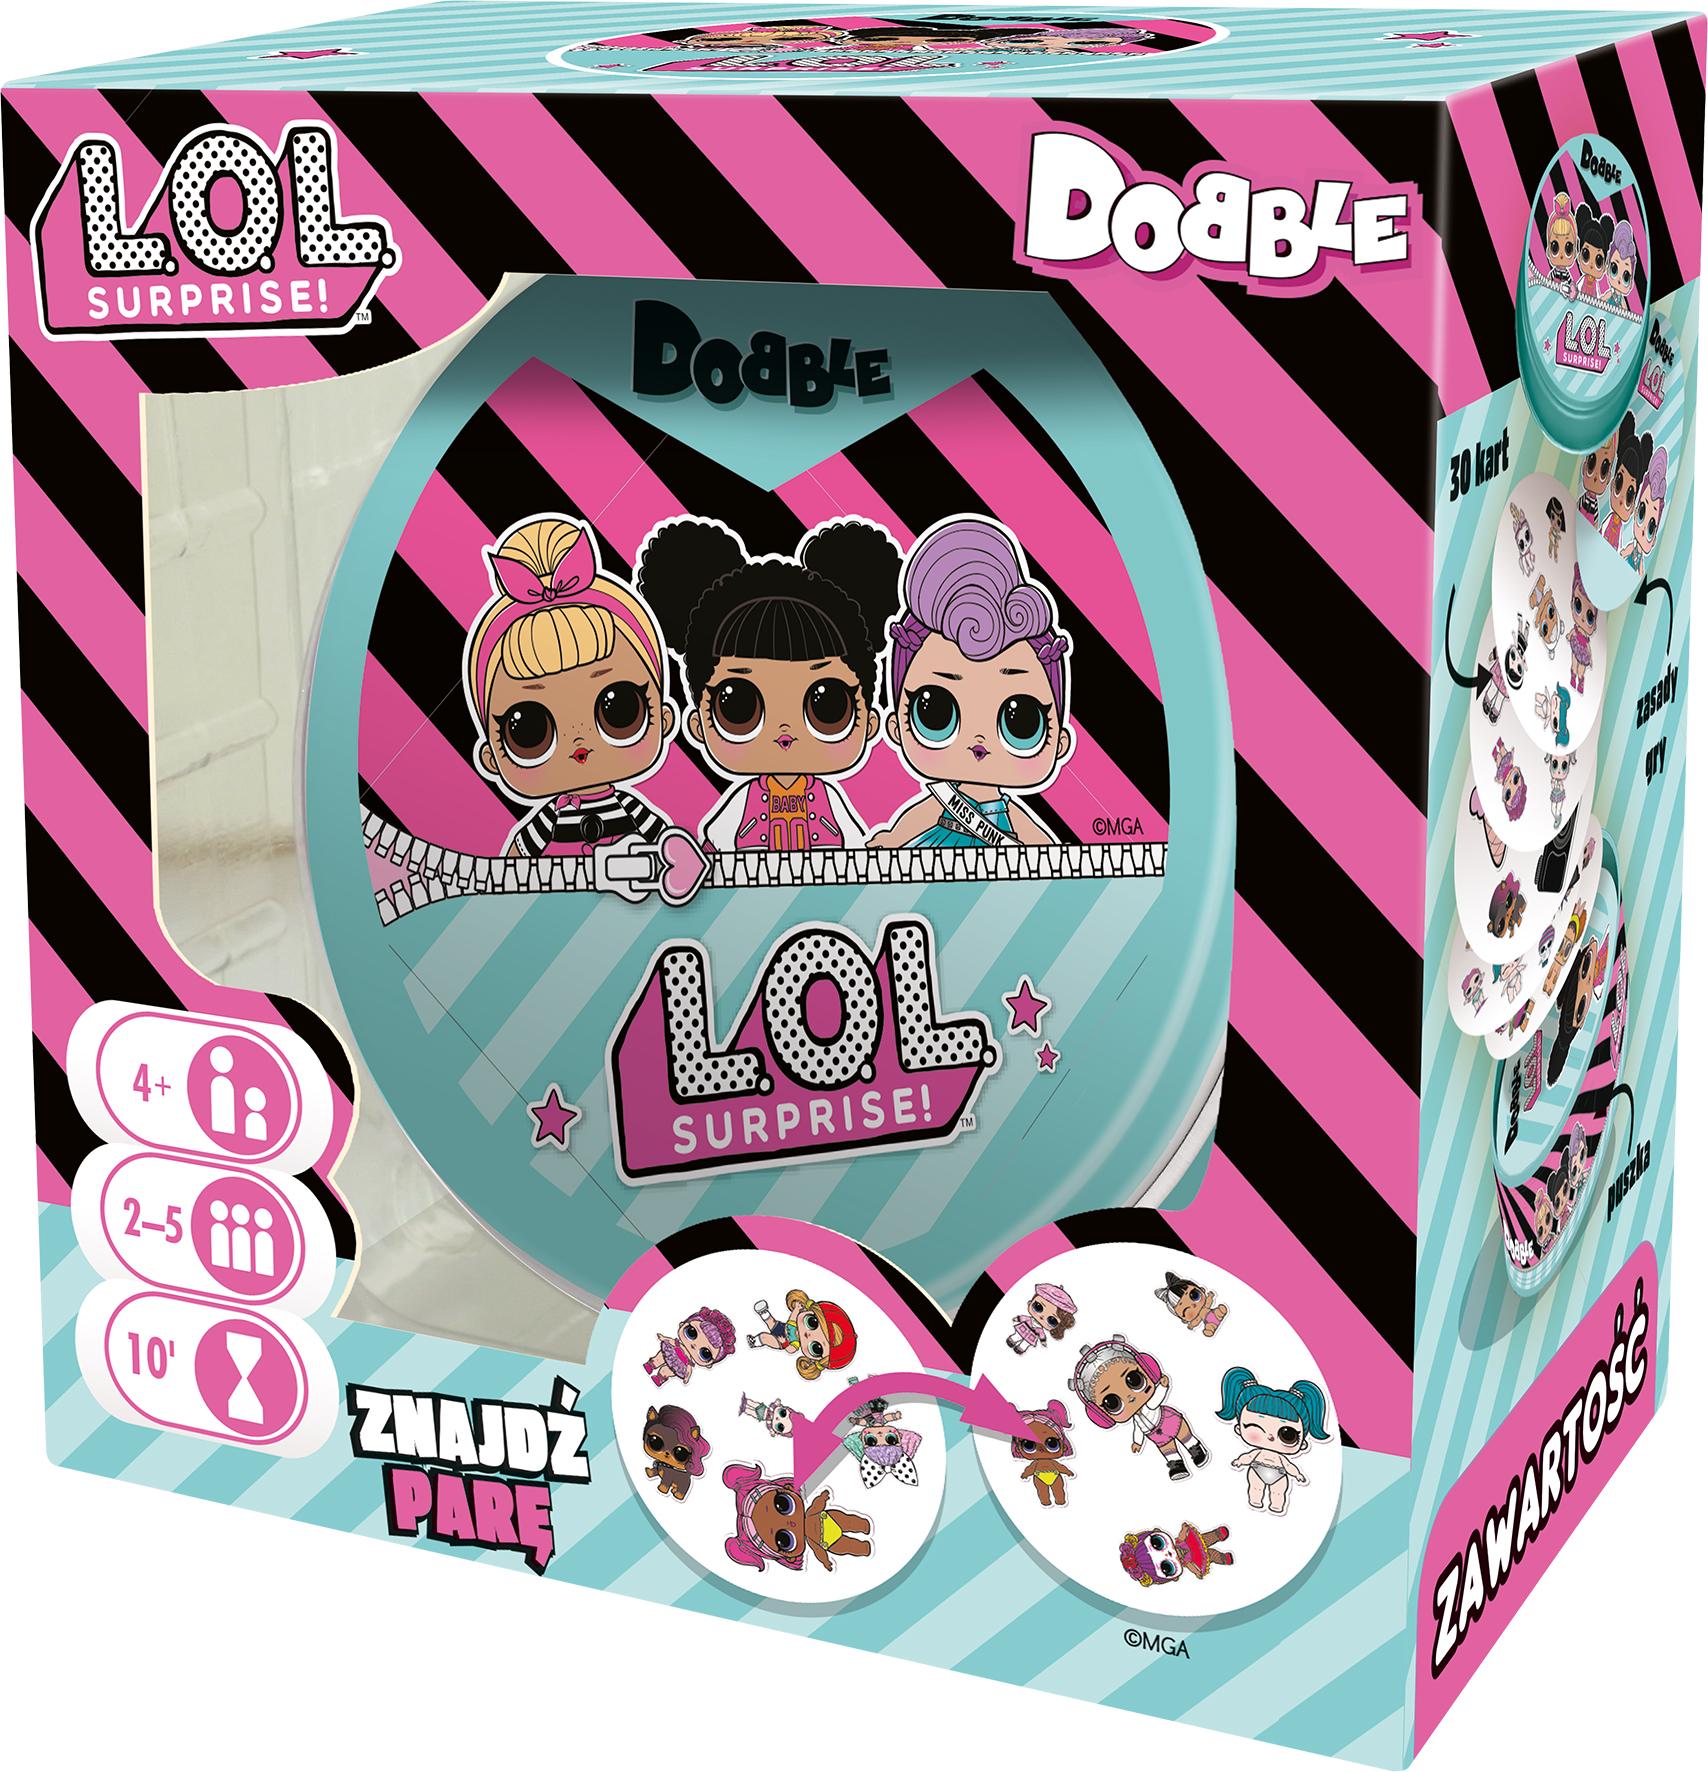 Dobble L.O.L. Surprise